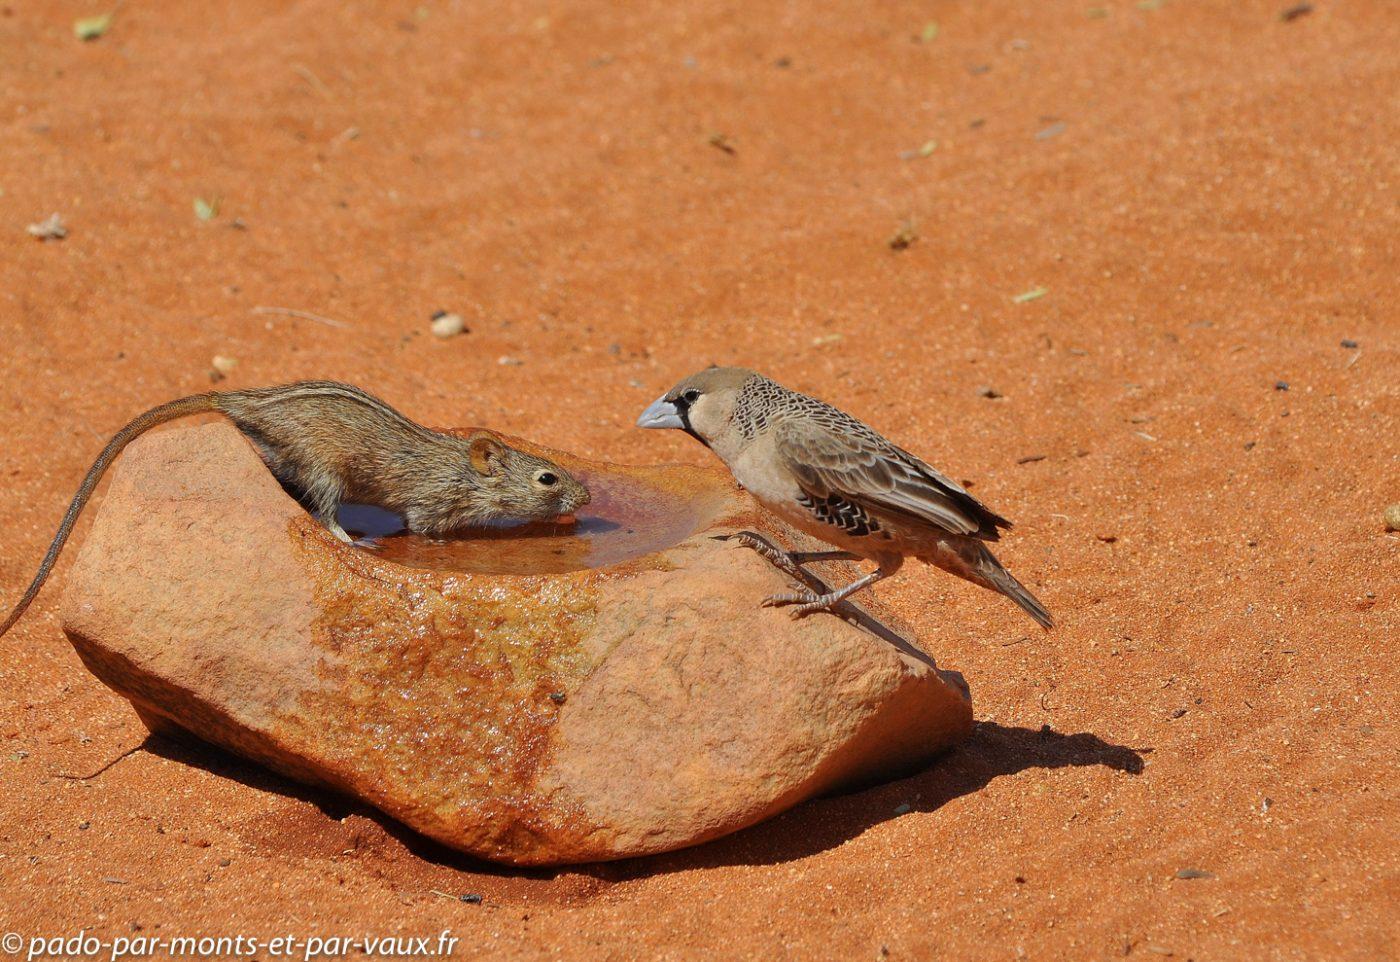 Namibie 2013 - Tok Tokkie trail - souris rayee et republicain